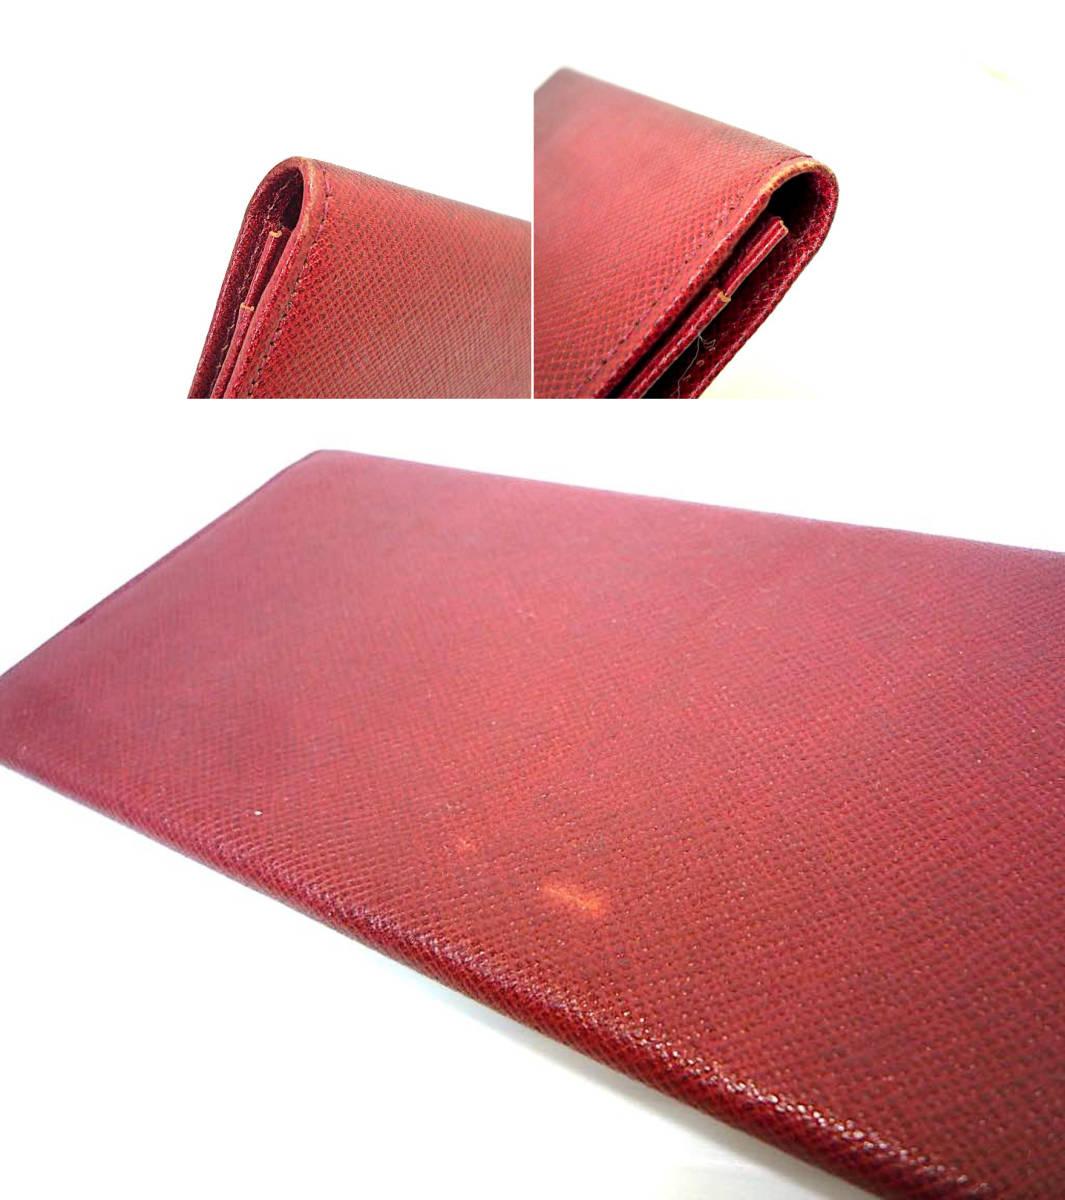 新品 デッドストック 時代 西ドイツ MERCEDES-BENZ メルセデスベンツ レザー 長財布 ウォレットケース ワインレッド 赤 薄型 元箱 定形外_※画像をご確認ください。